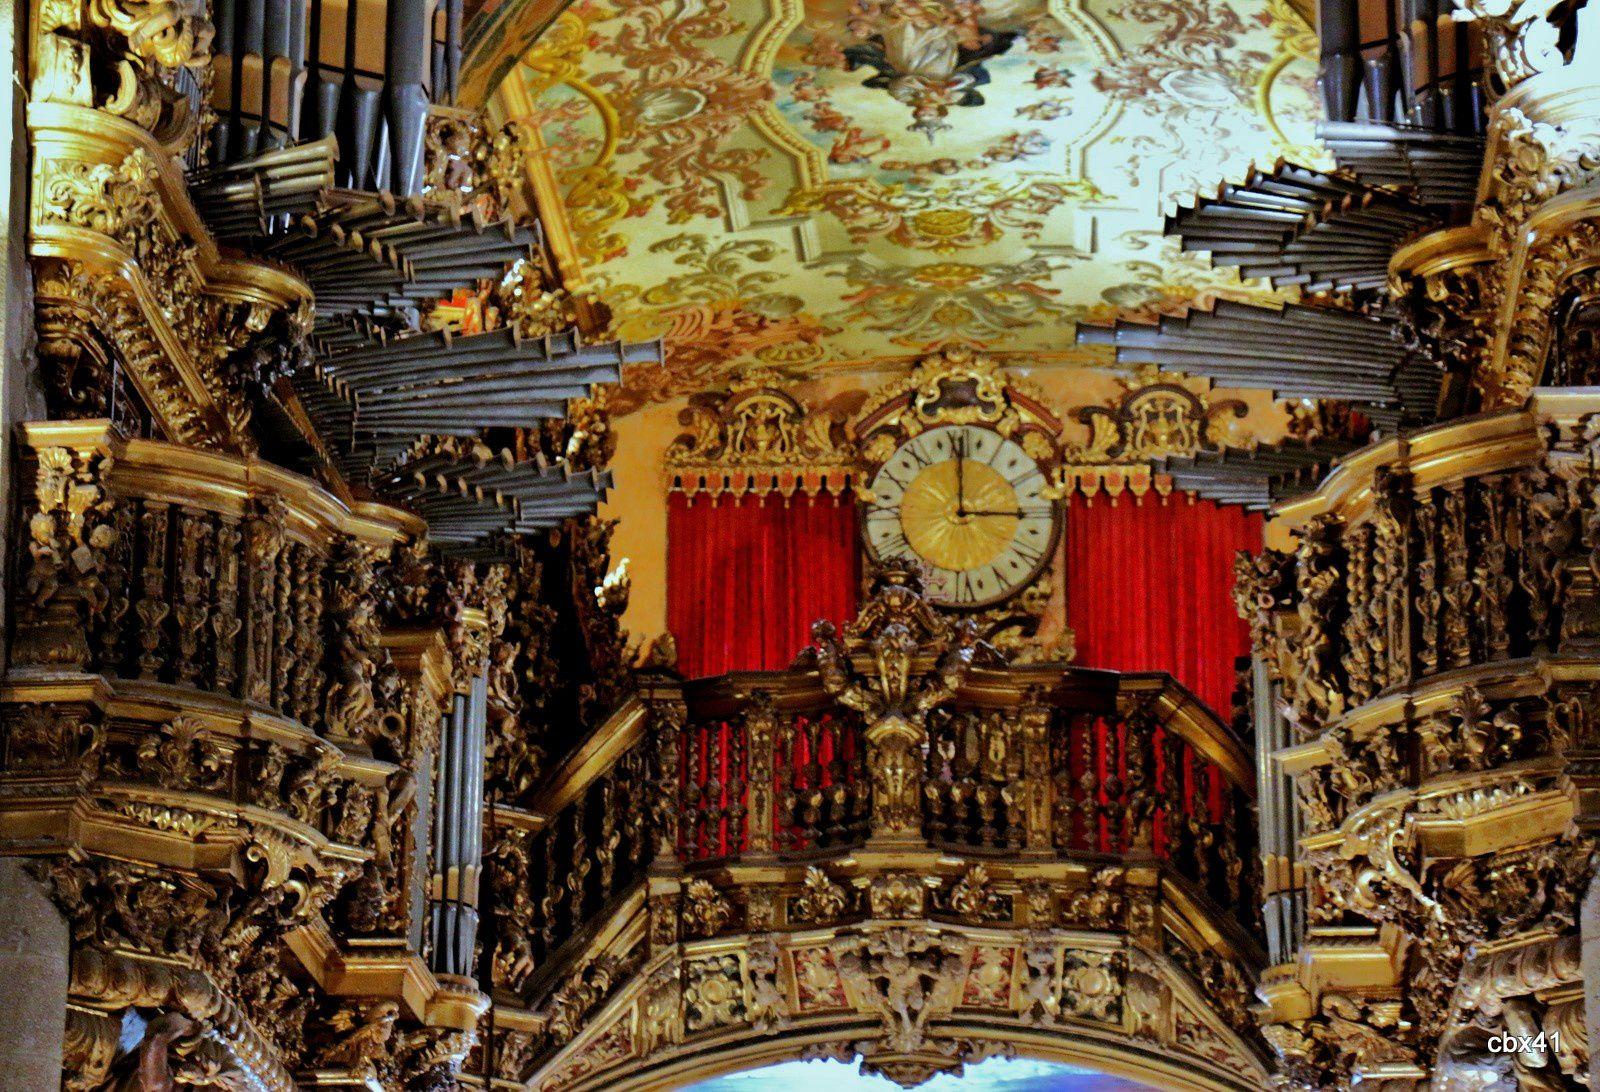 Les Orgues de la cathédrale de Braga (Portugal)